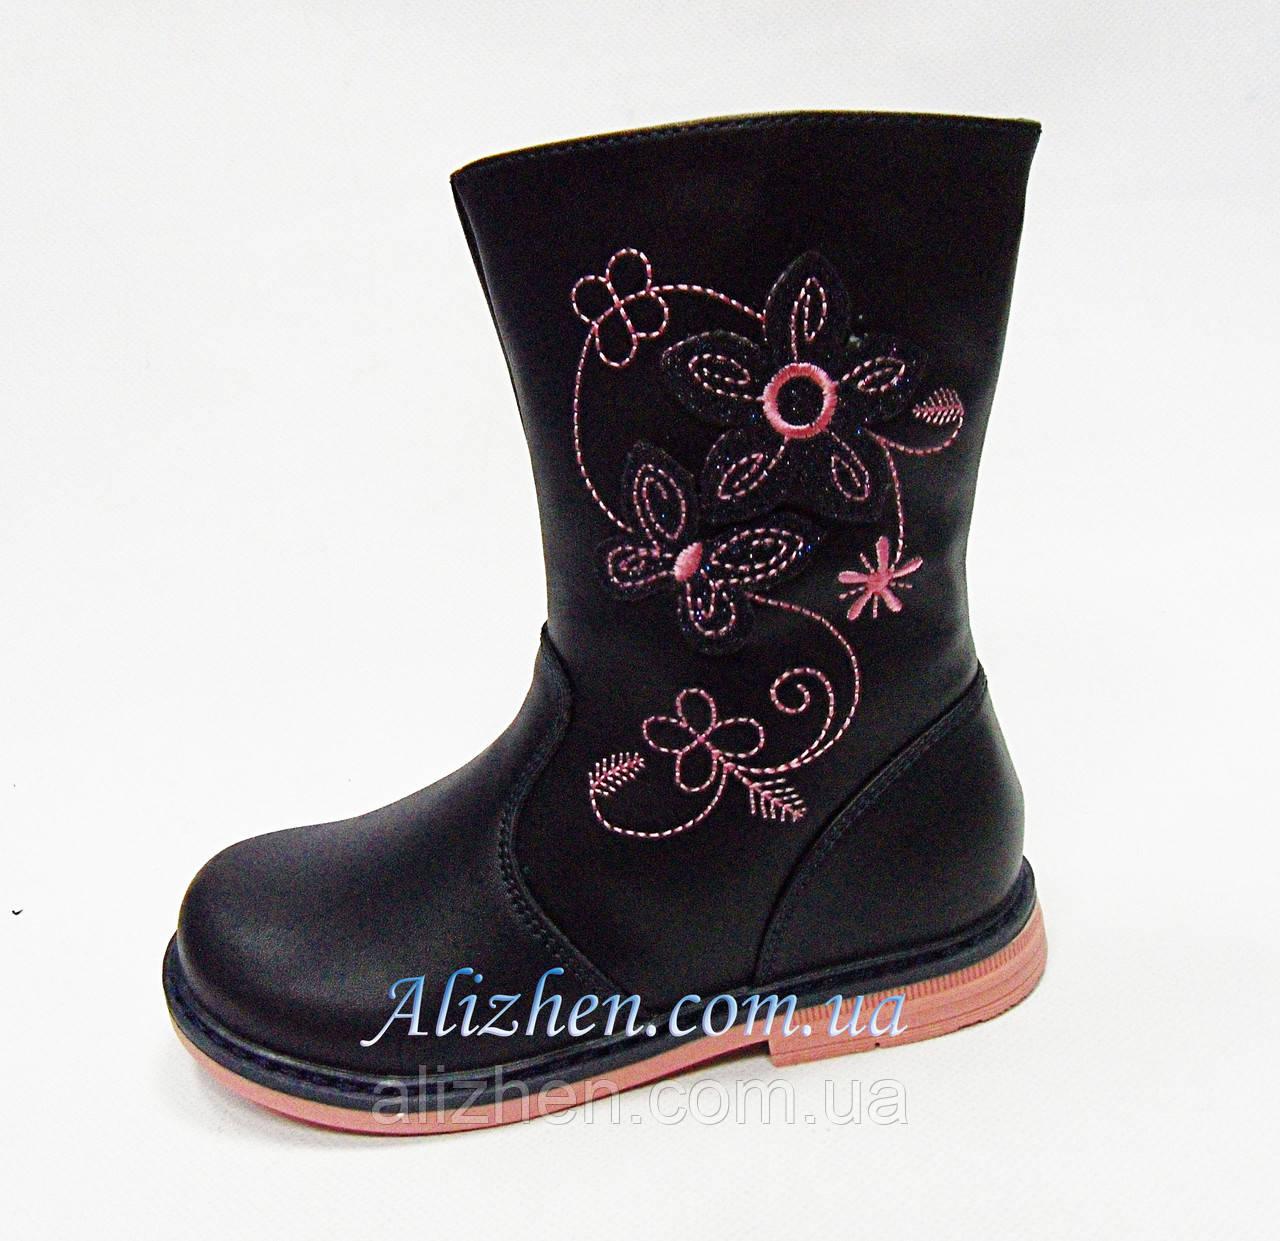 b9ea8569a Детские кожаные демисезонные сапожки, ботинки для девочек тм Сказка 25, 26,  27,